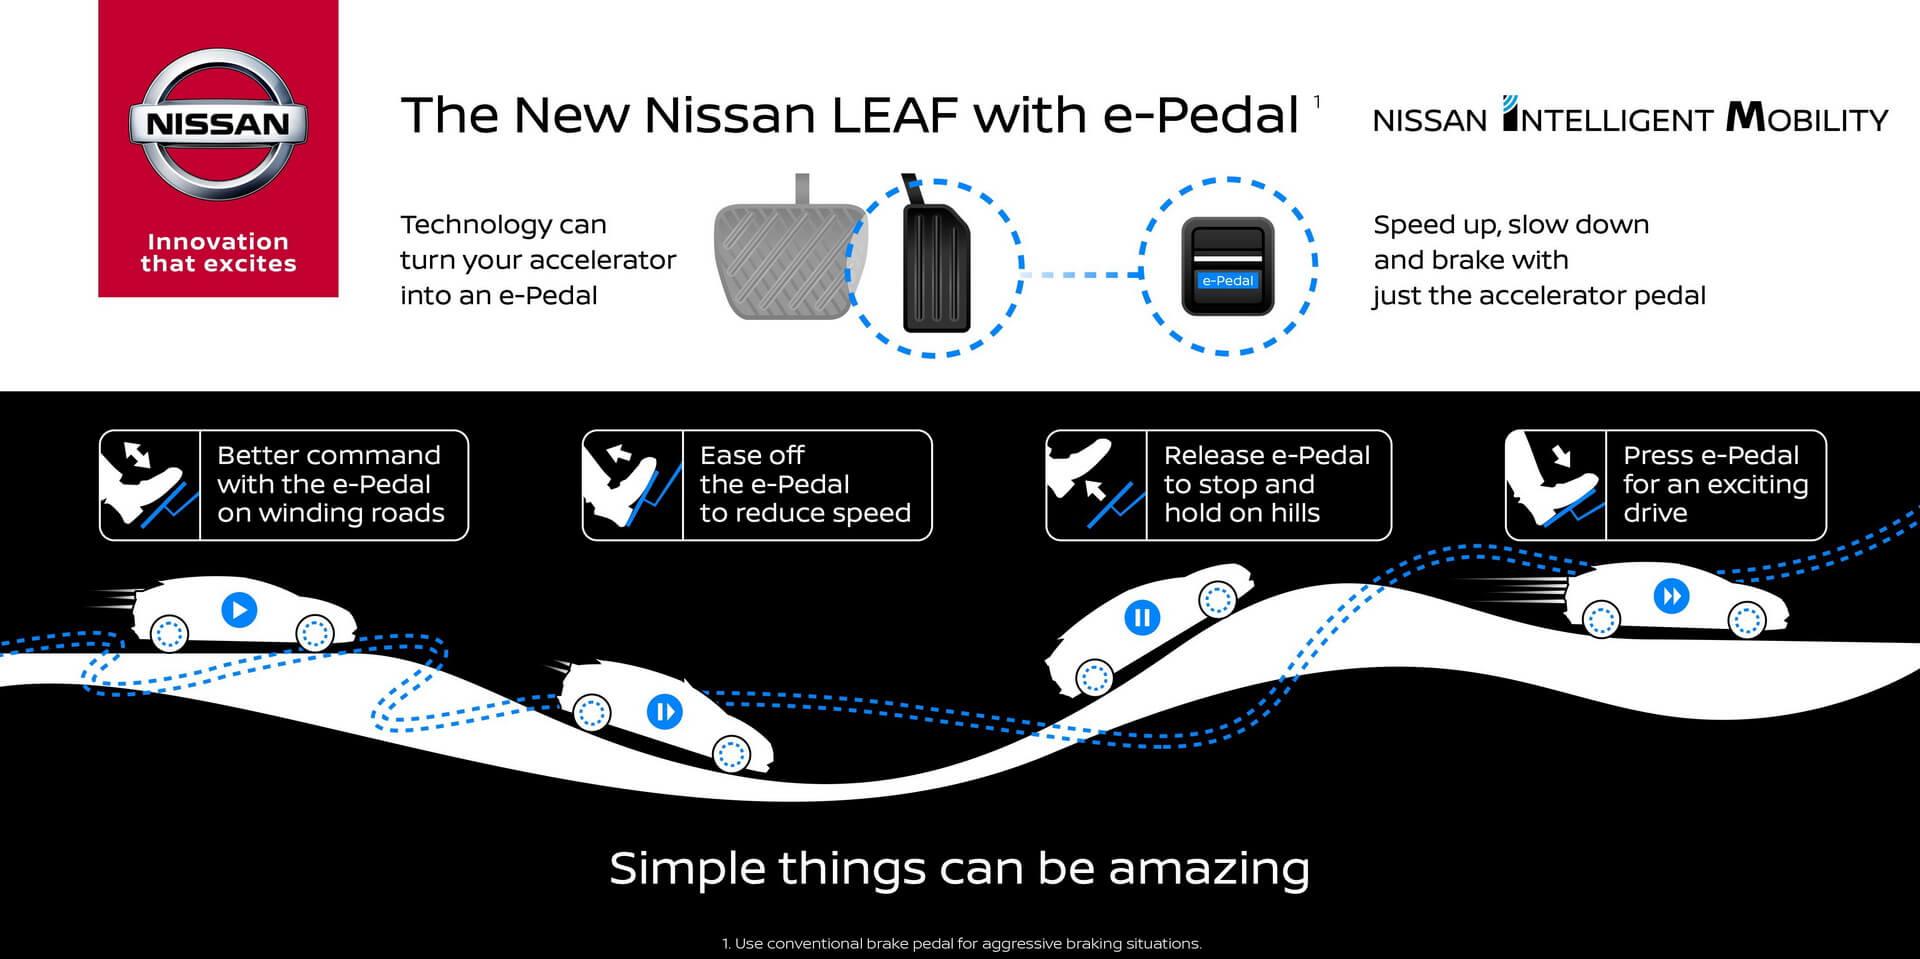 Технологии интеллектуального вождения с педалью e-Pedal